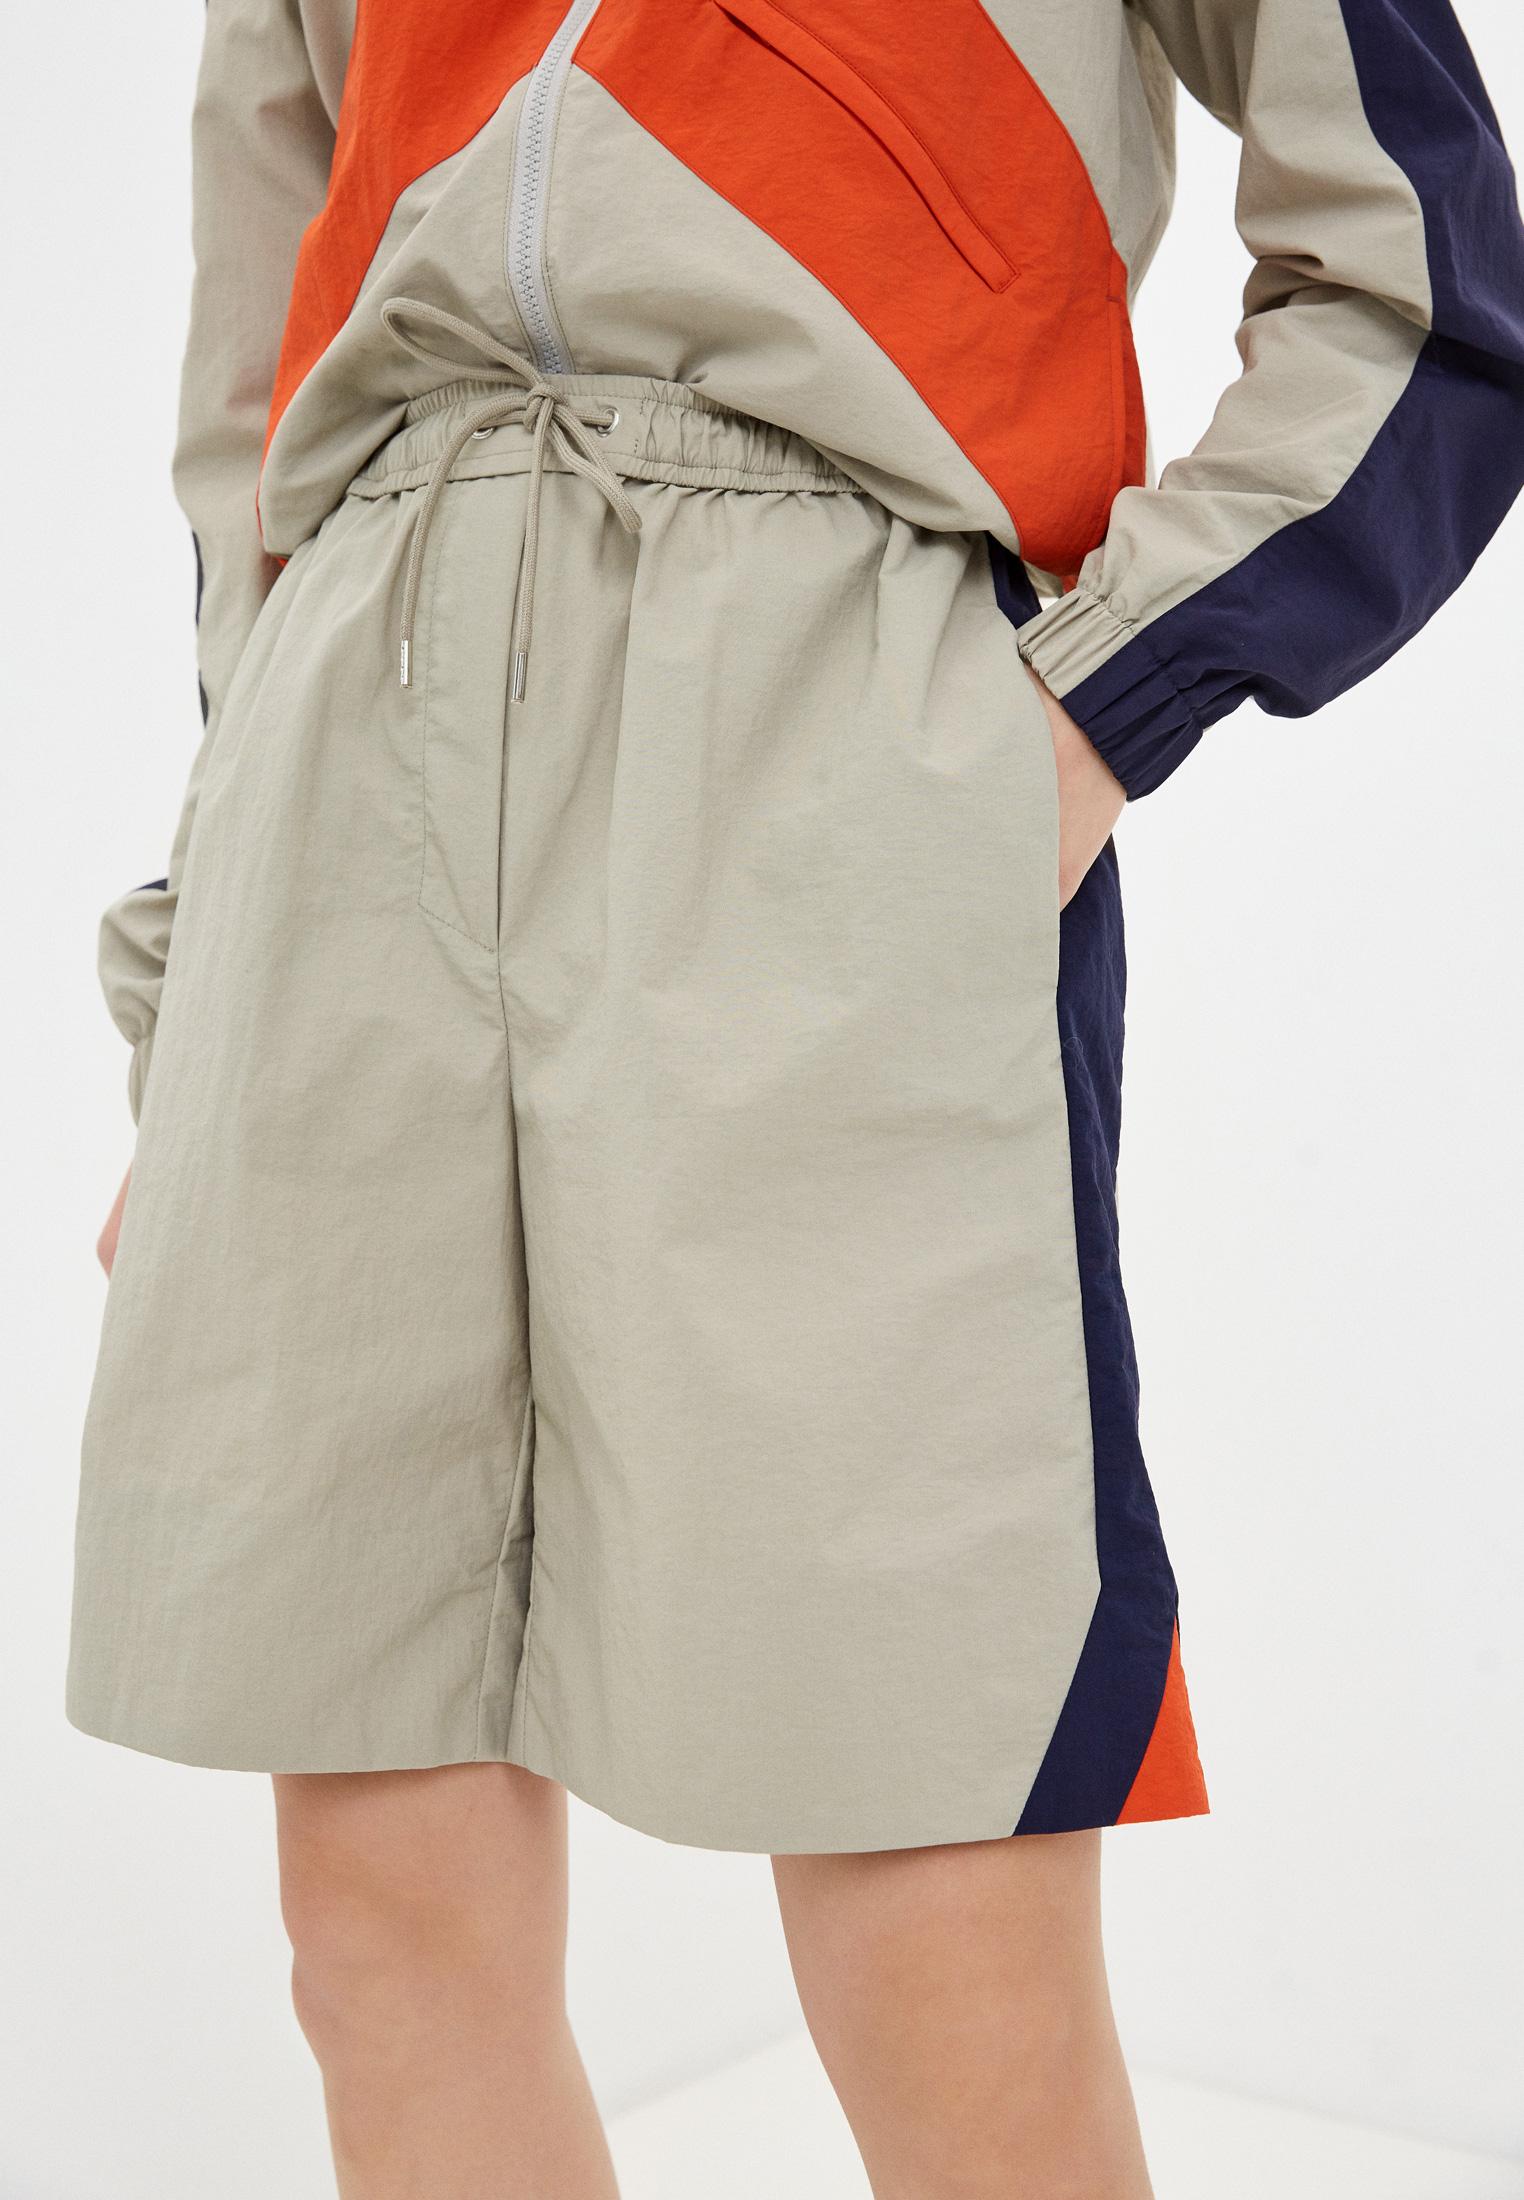 Женские повседневные шорты Kenzo Шорты спортивные Kenzo